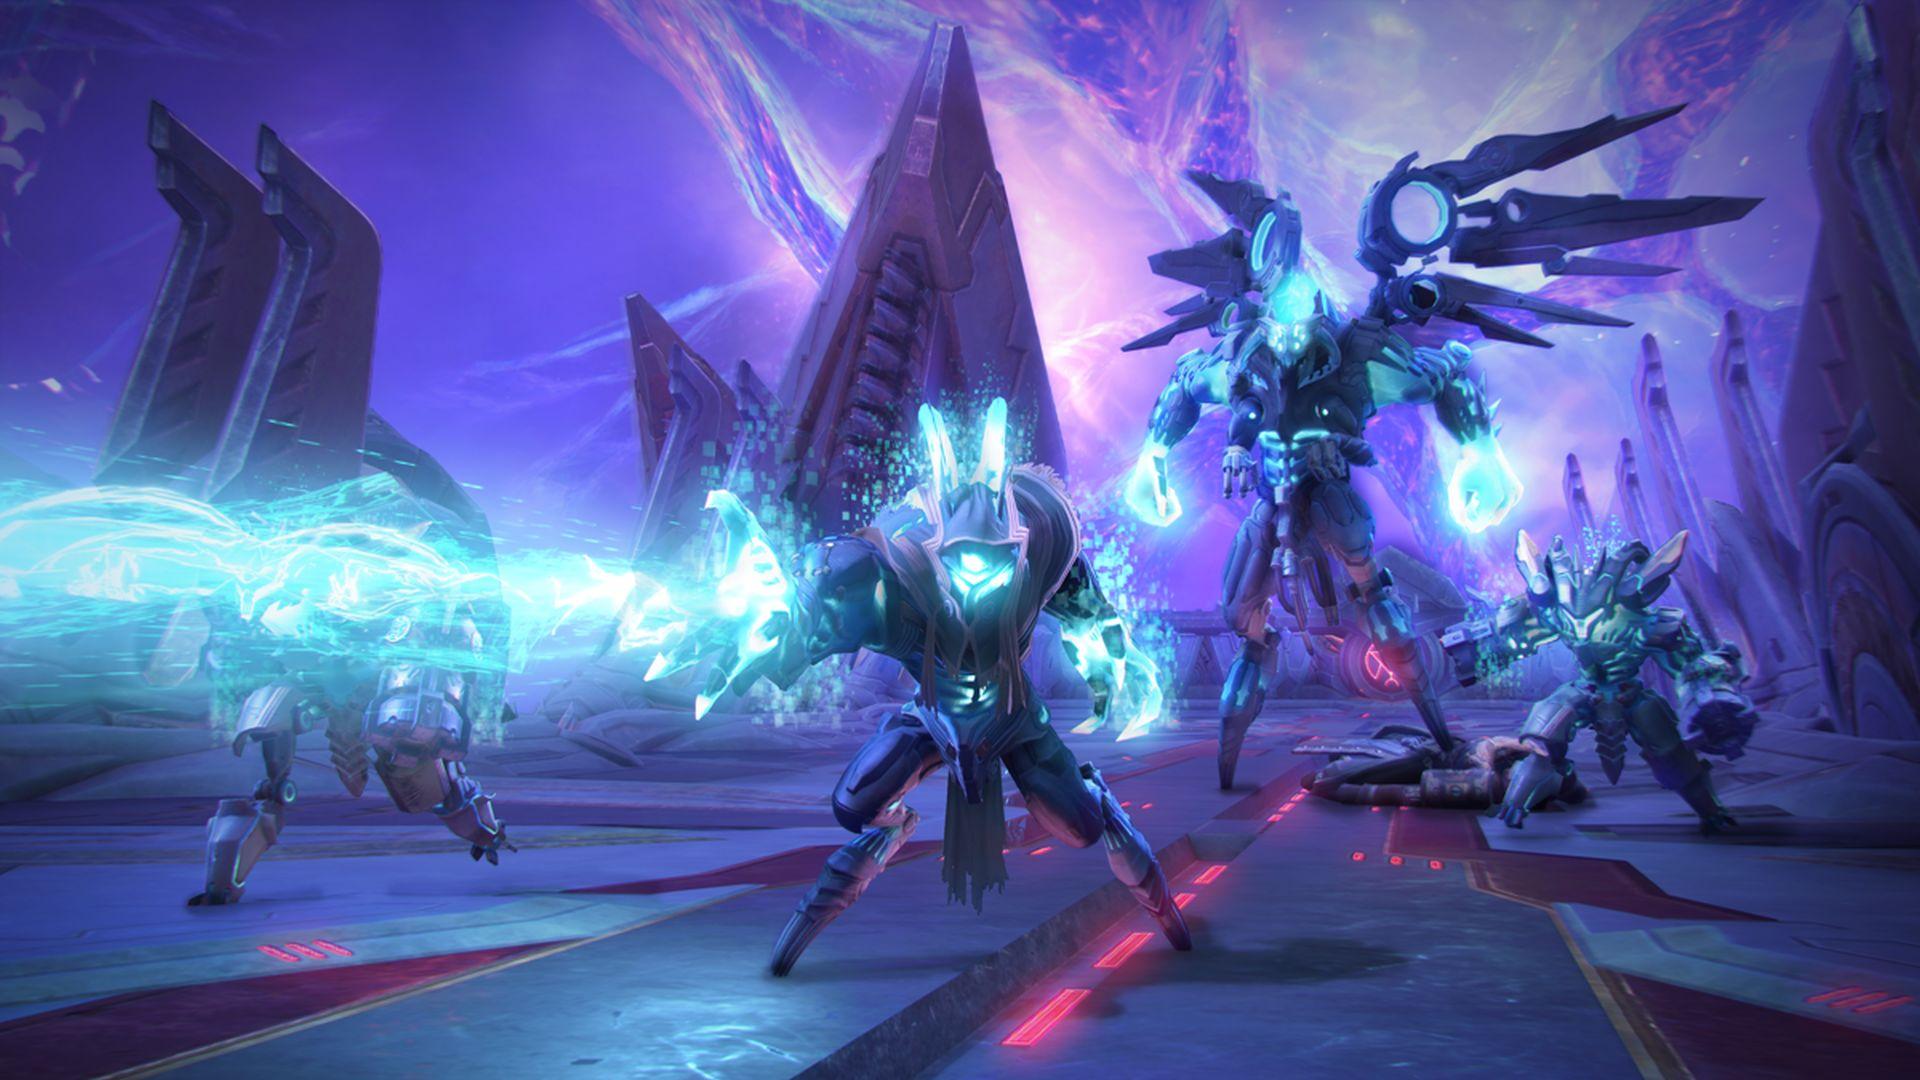 Schaut Euch den neuen PS4-Raid im Action-MMO Skyforge an